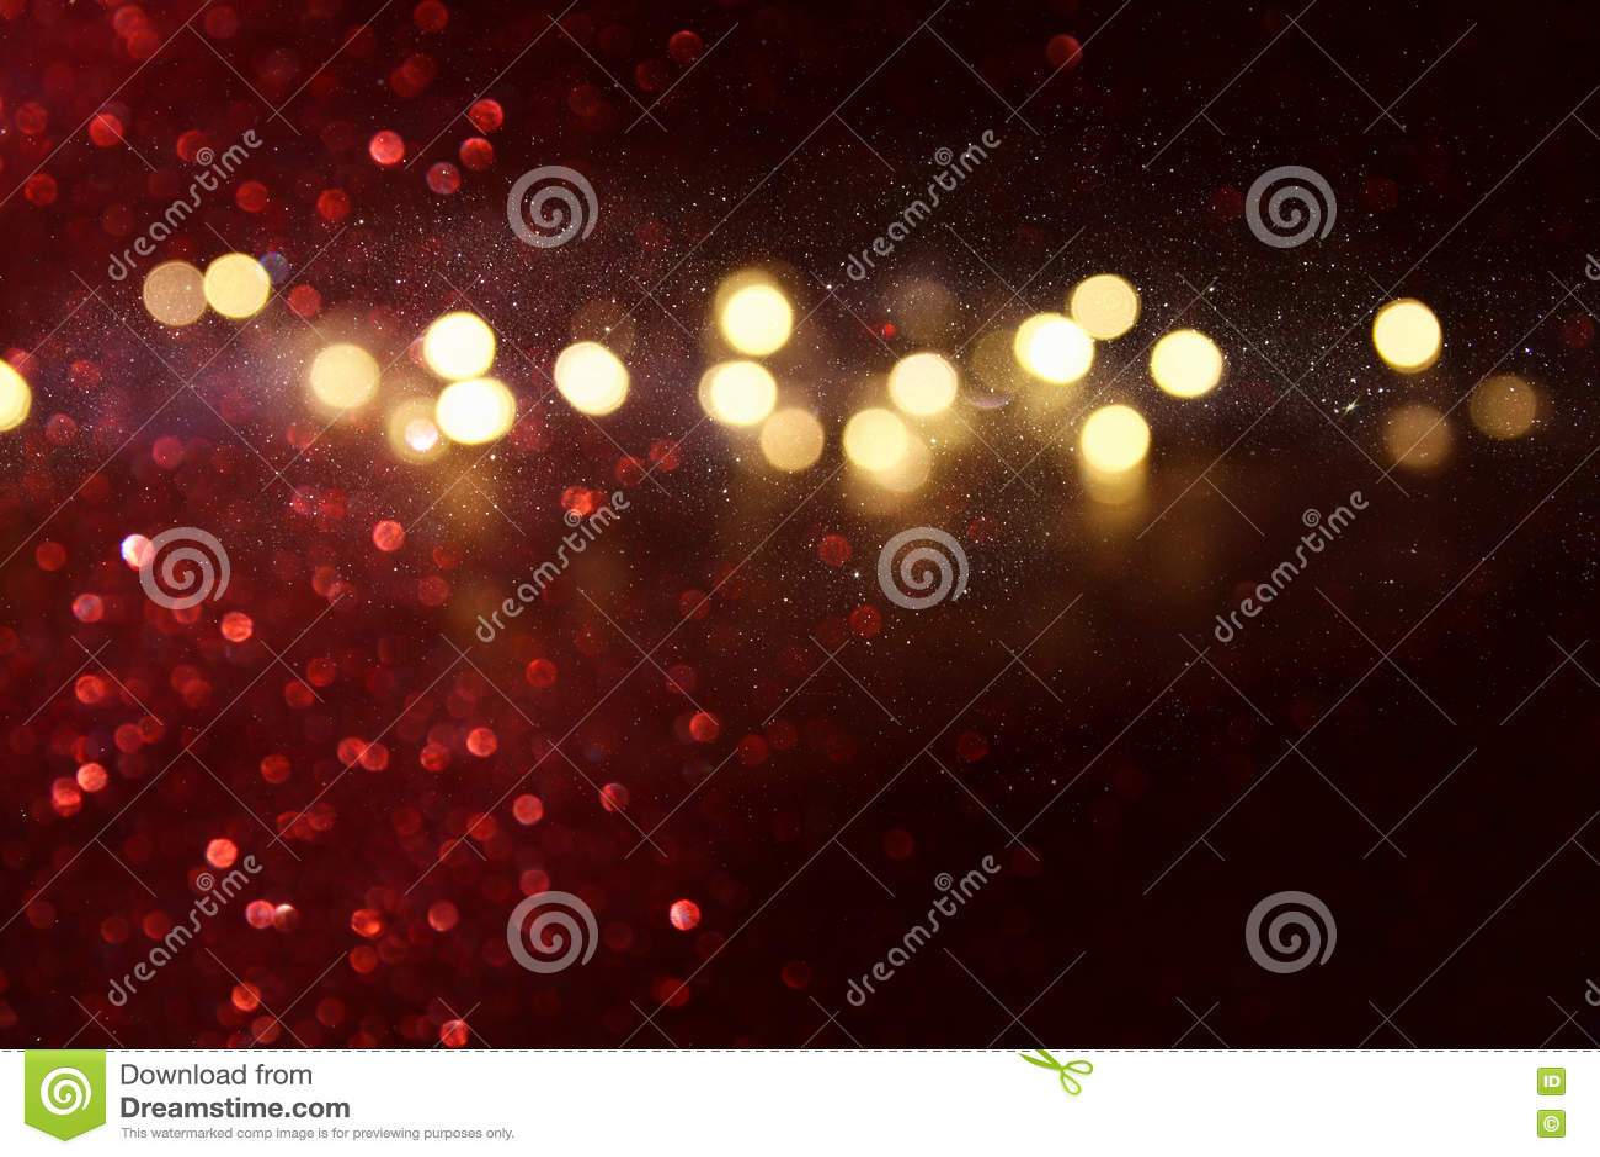 Αφηρημένο κόκκινο και χρυσό υπόβαθρο φω των Defocused